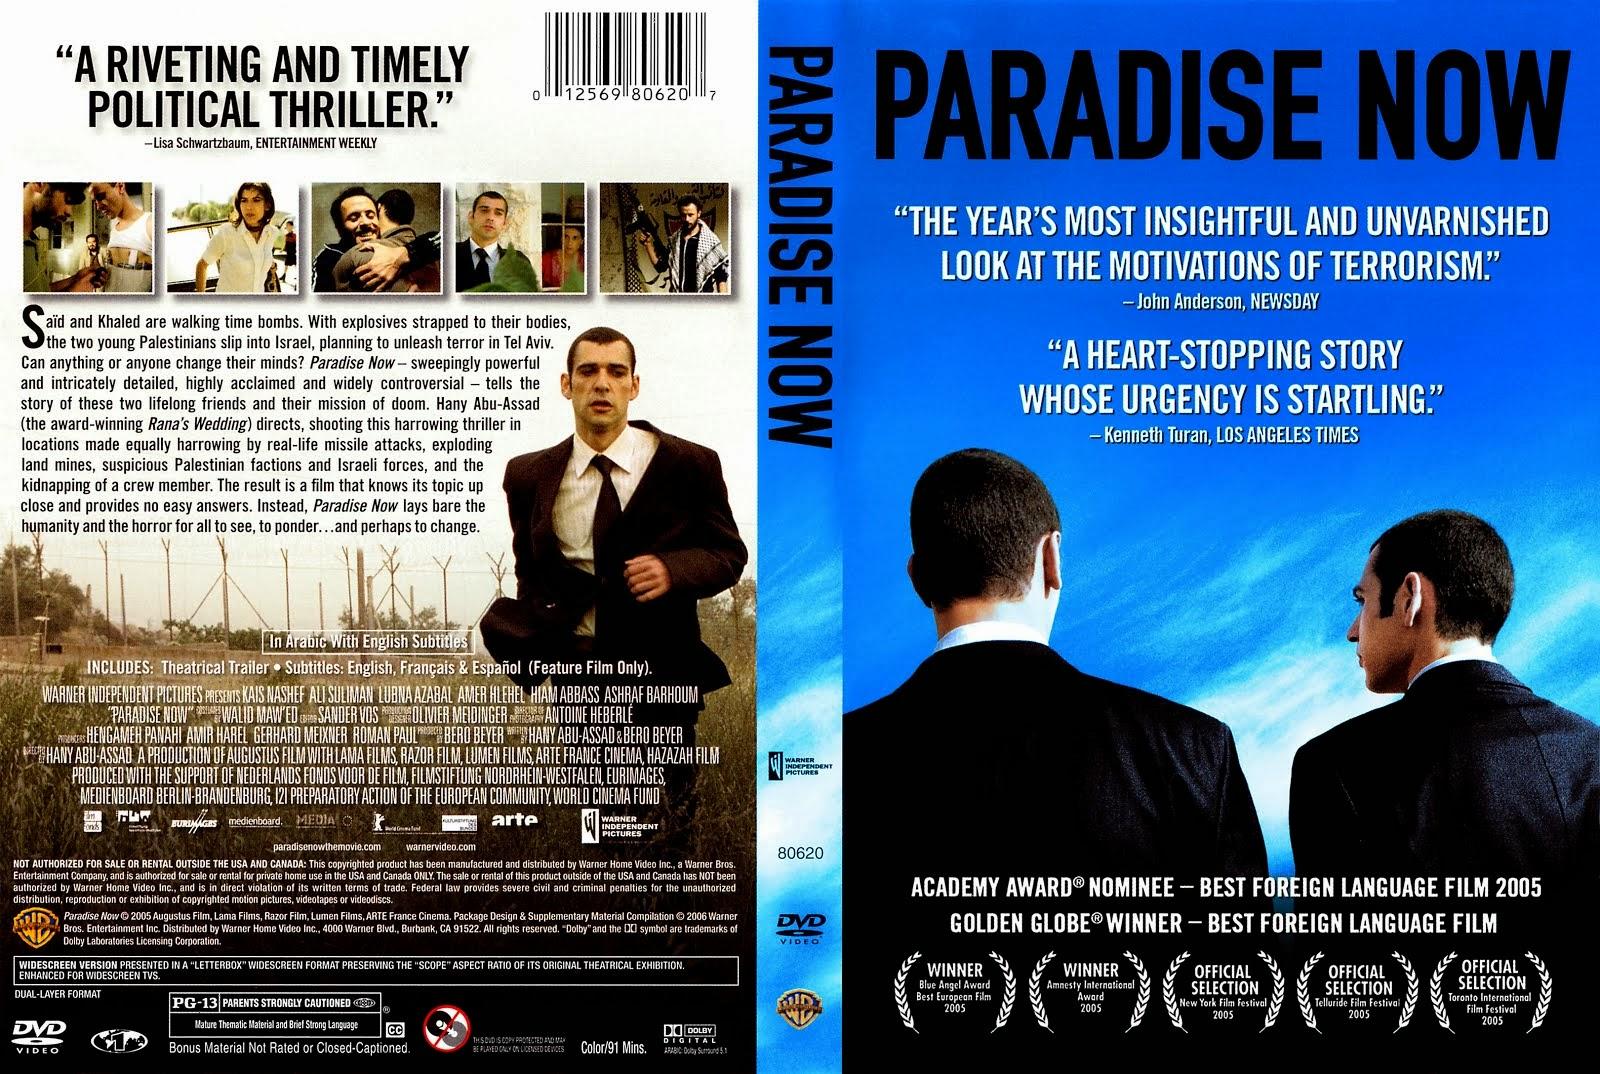 1041º - PARADISE NOW (2005)